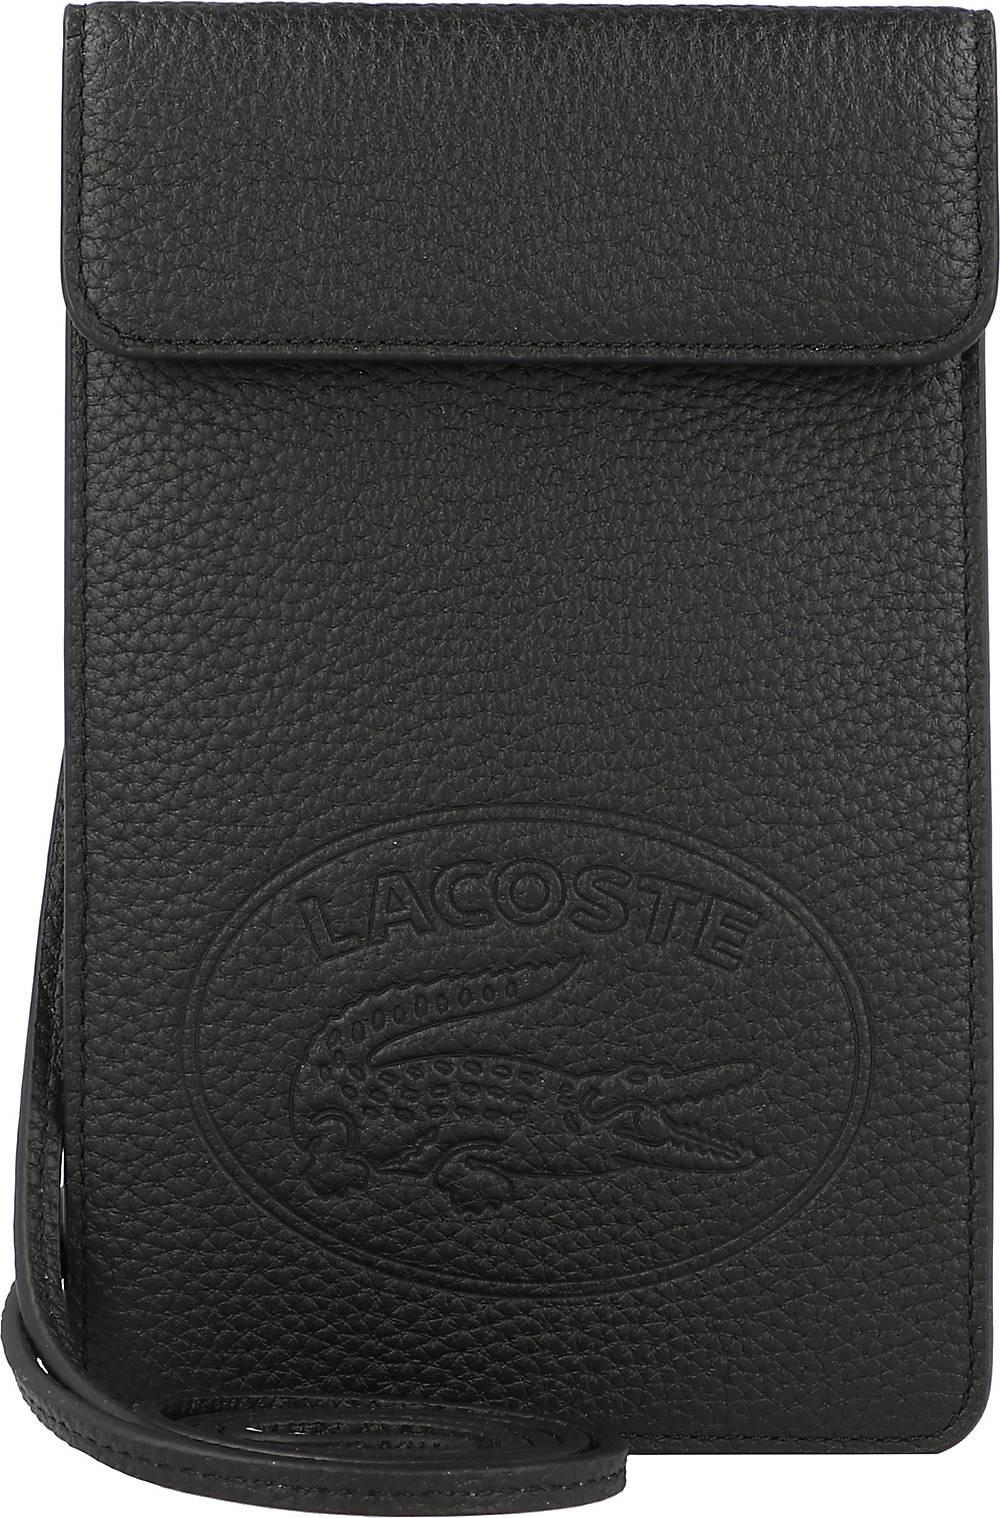 Lacoste, Croco Crew Handytasche Leder 12 Cm in schwarz, Handyhüllen & Zubehör für Damen